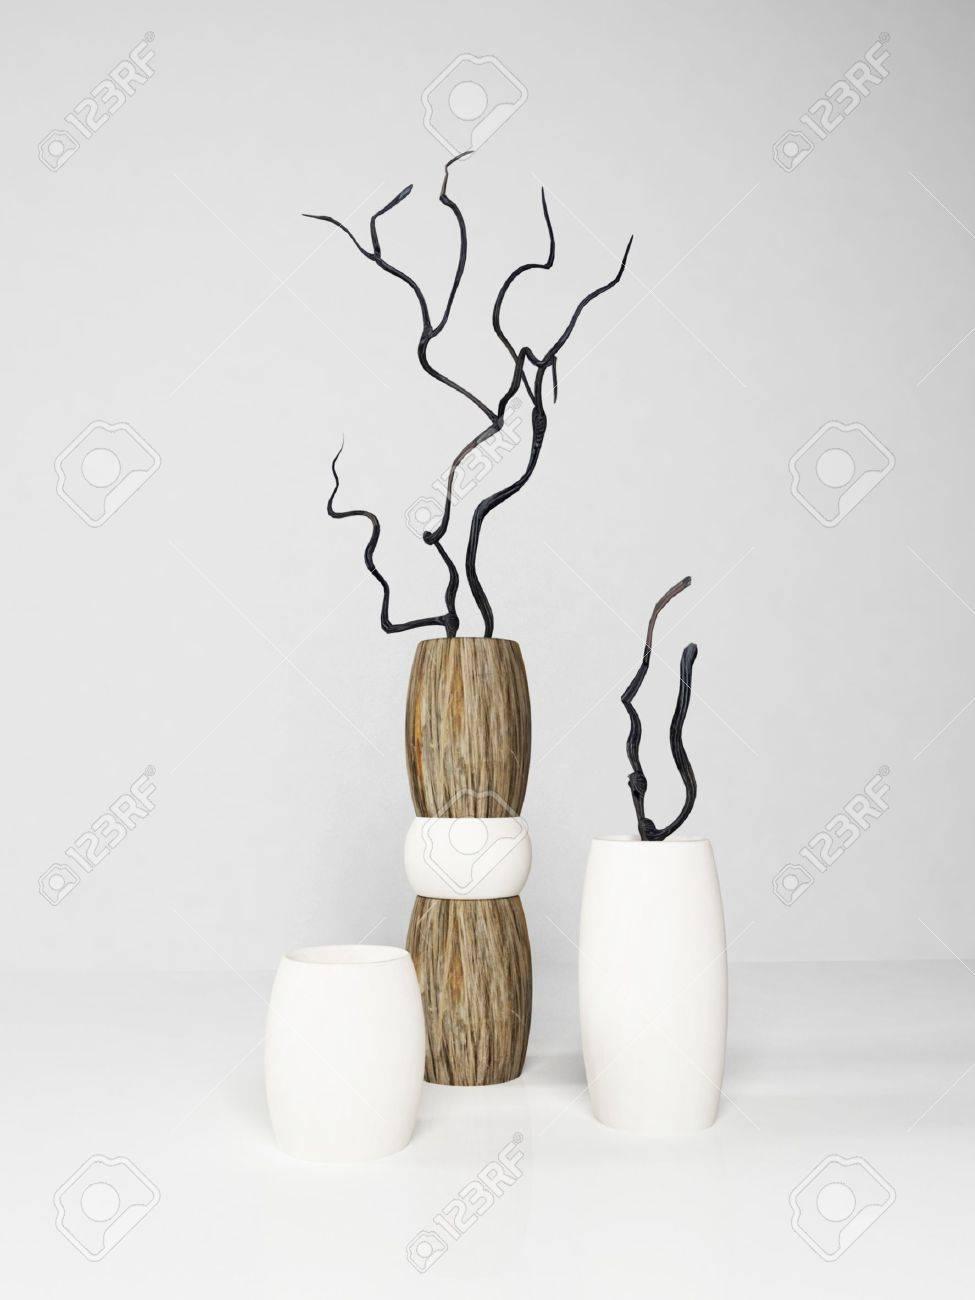 foto de archivo tres jarrones modernos sobre fondo blanco que prestan